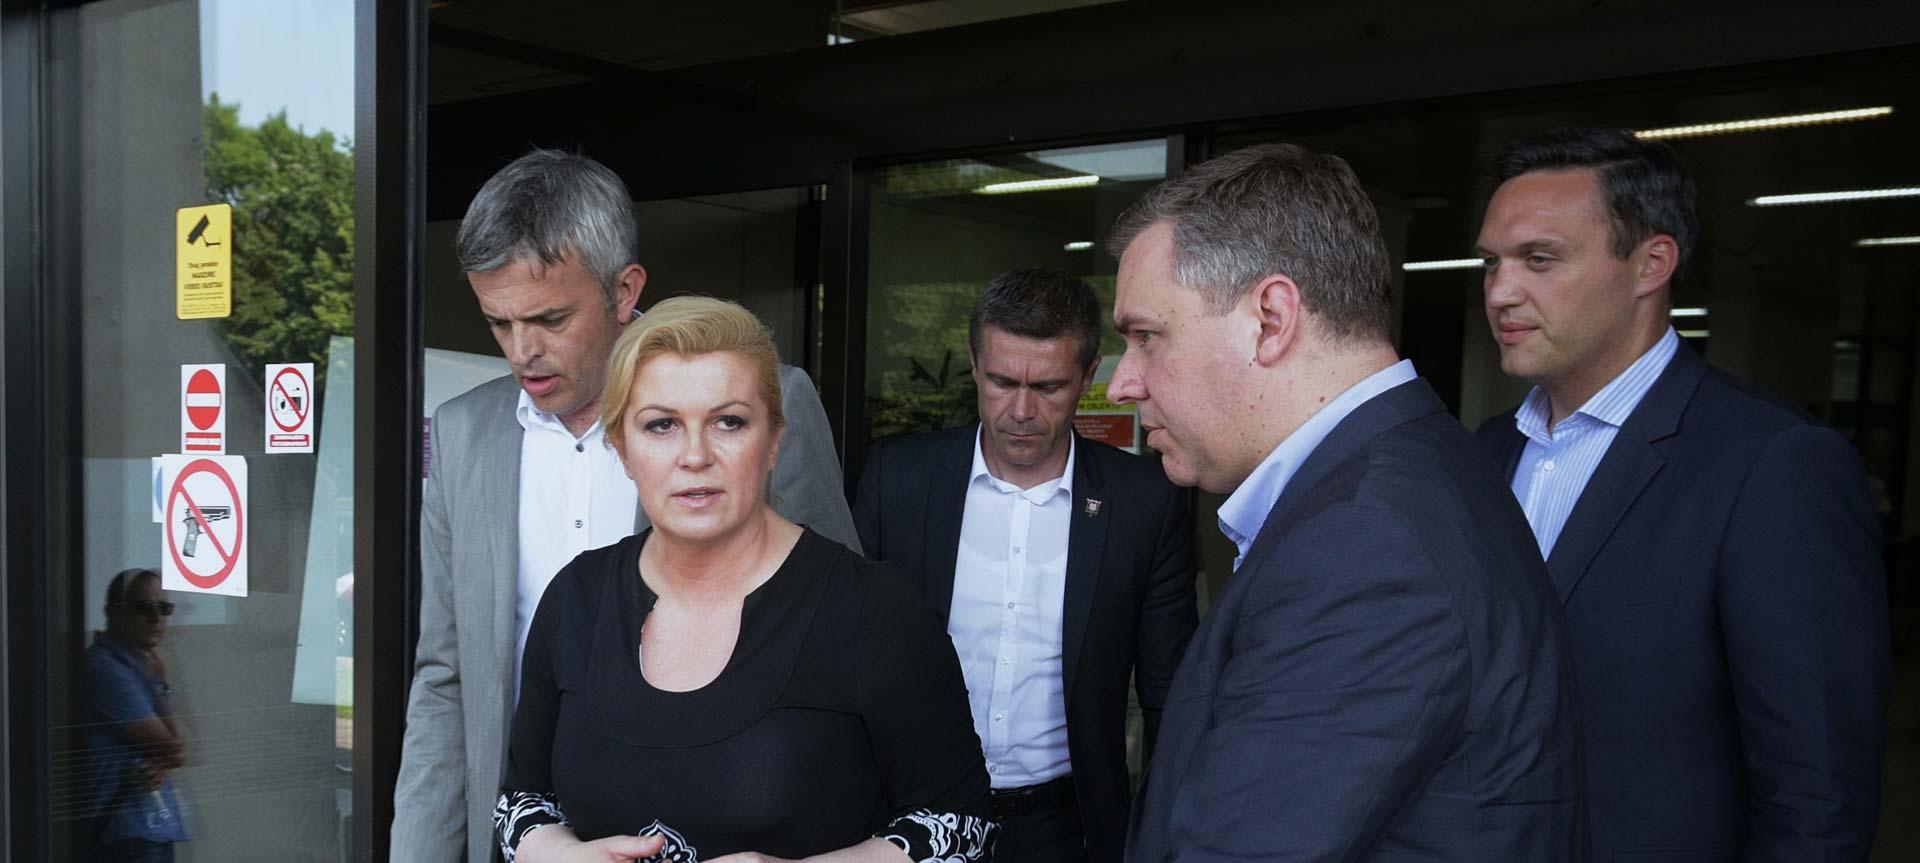 PREKORAČENJE OVLASTI Predsjednica upadom u ured ministra sablaznila i HDZ-ovce